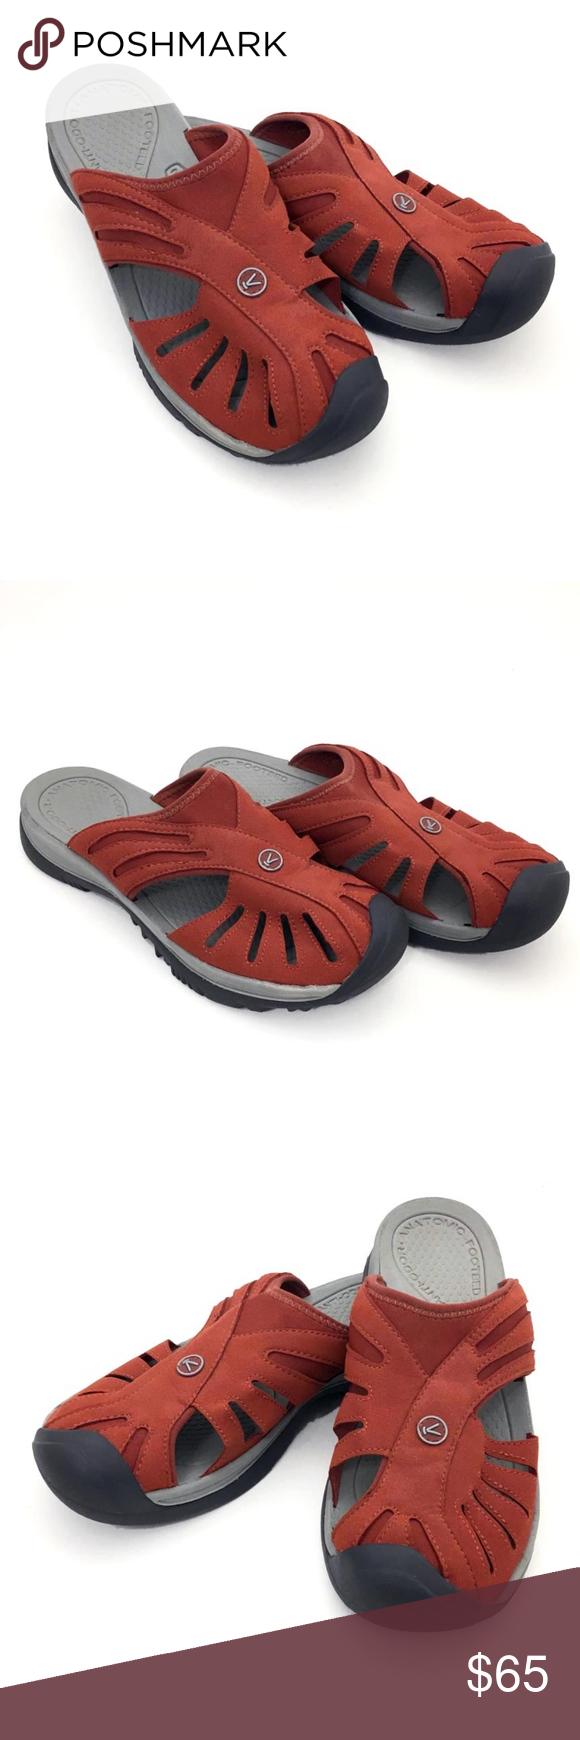 a5b77ee9b1b Keen | Rose Slide Sandal Slip On Burnt Henna Rust Keen ~ Rose Slide Sandal.  Shoe is a slip-on mule type sandal in Burnt Henna (Rust) and Neutral Gray.